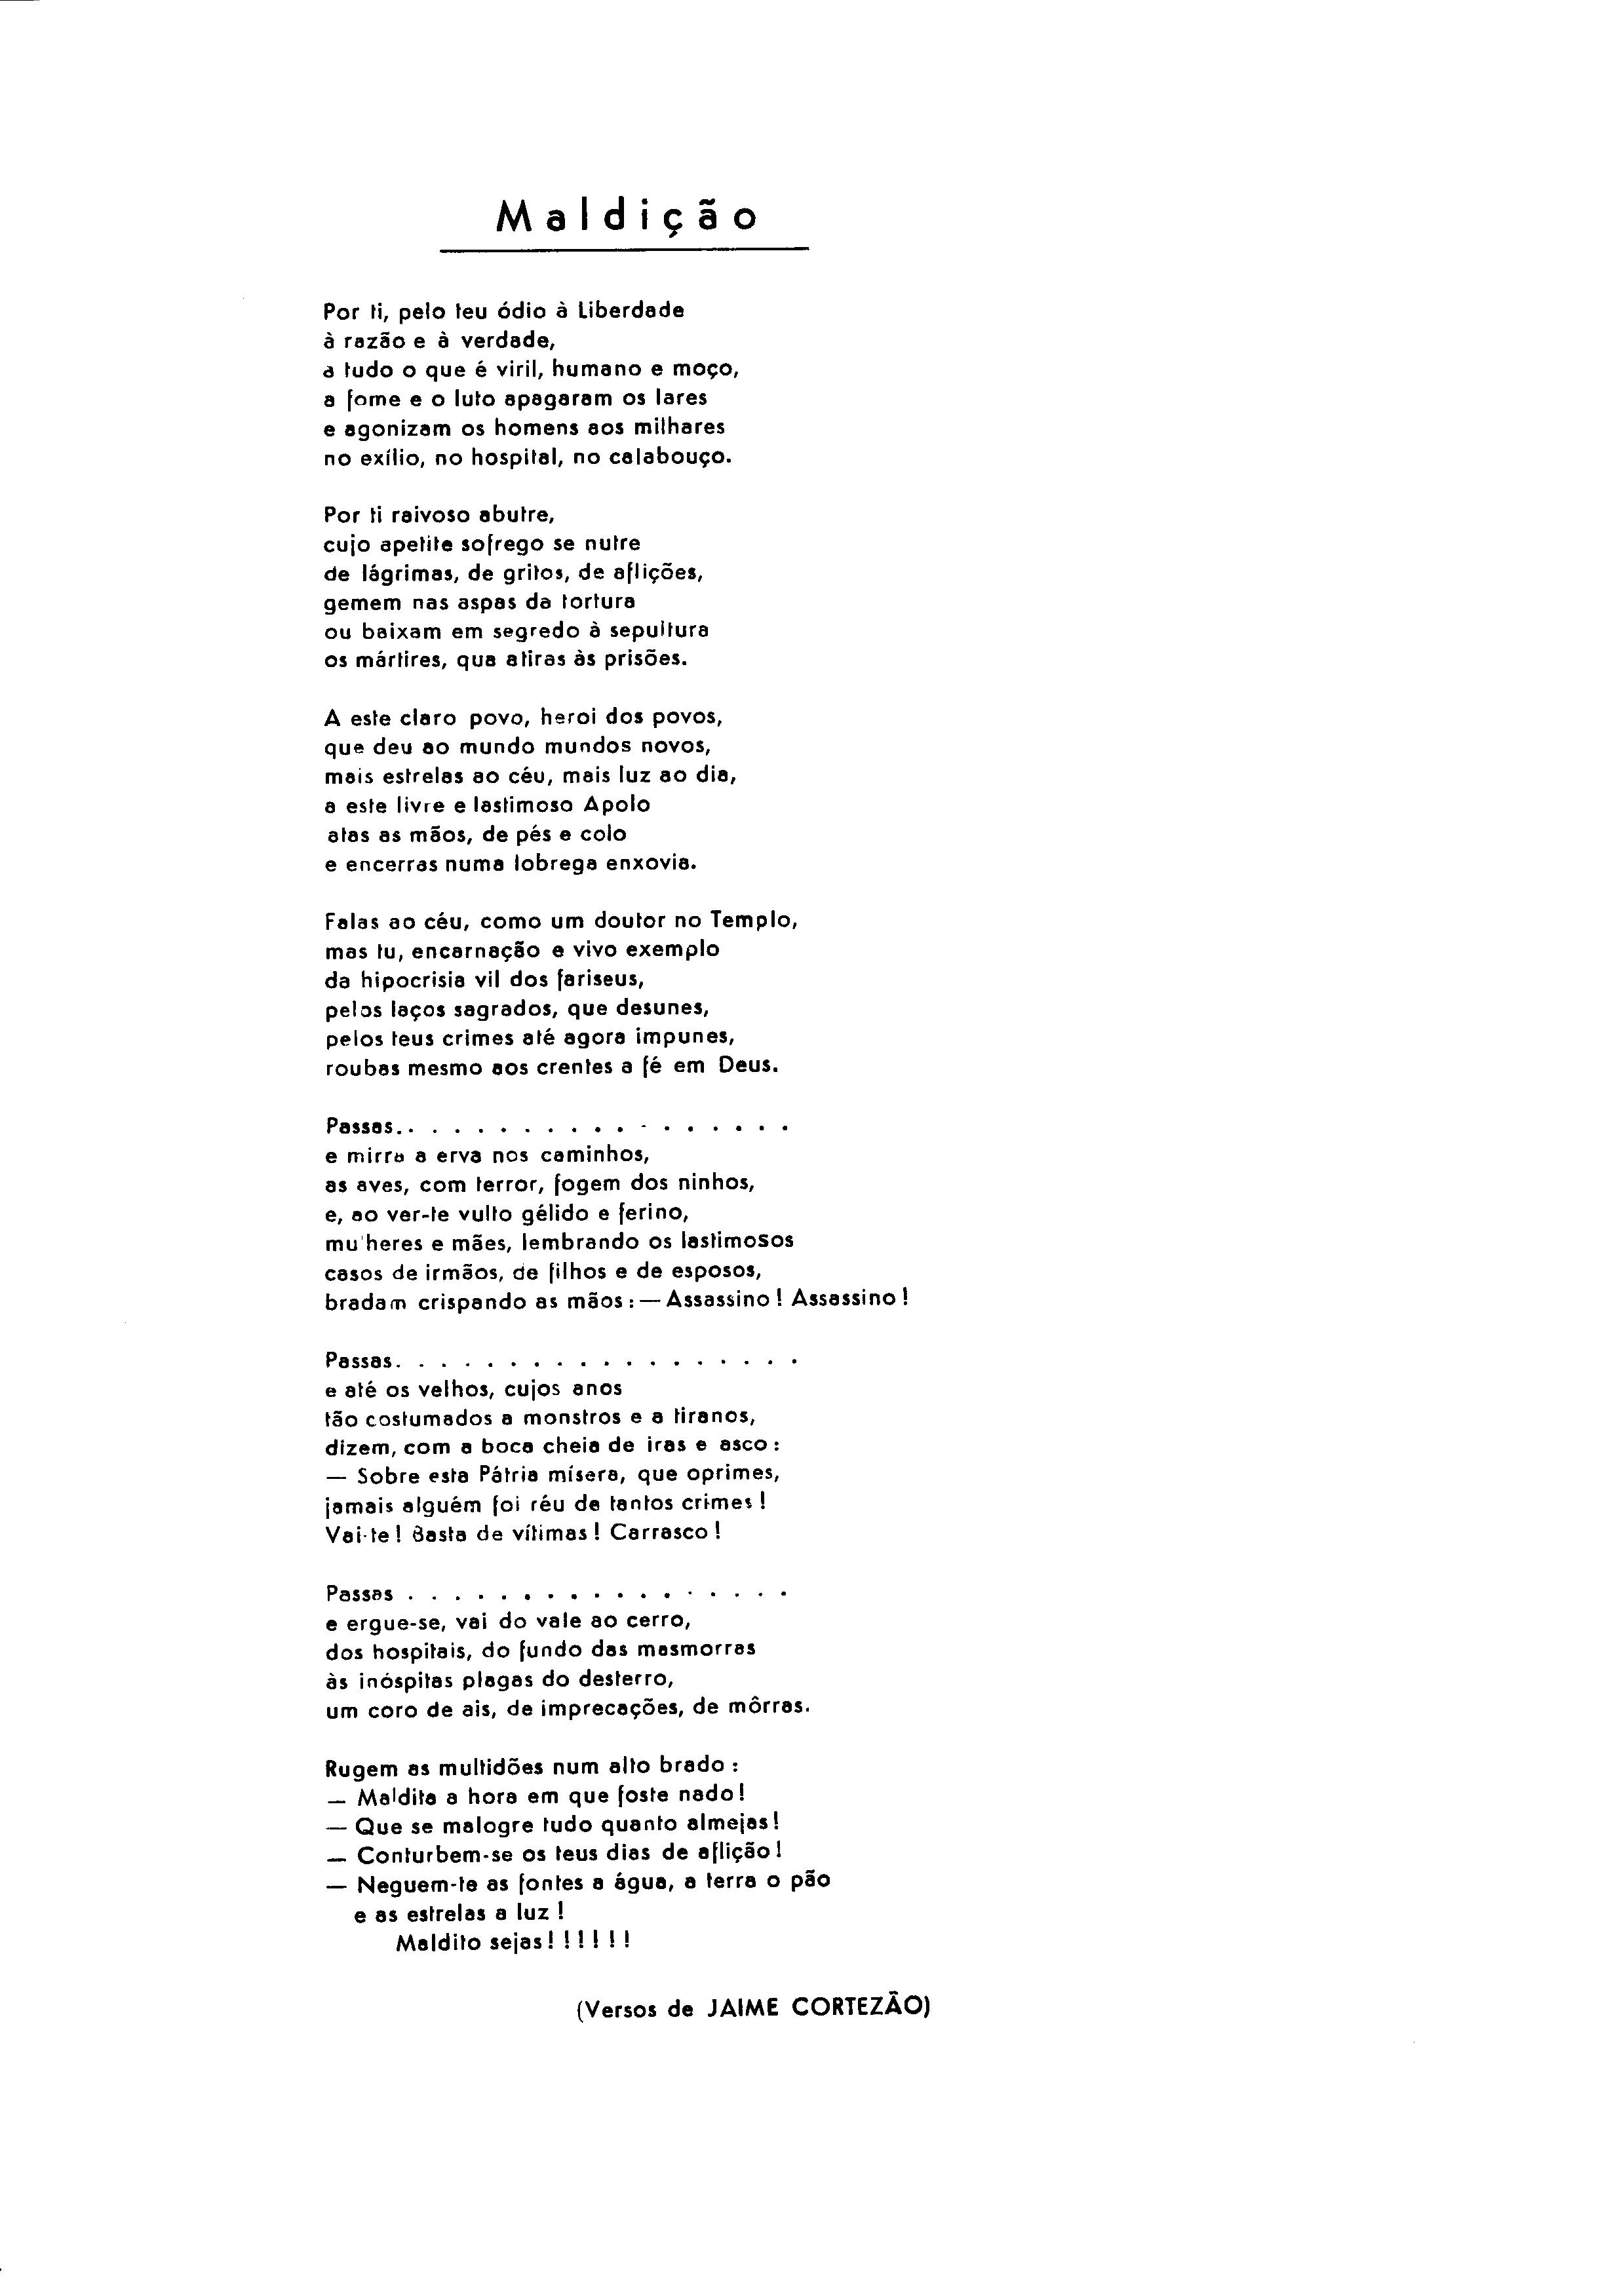 02600.037- pag.1